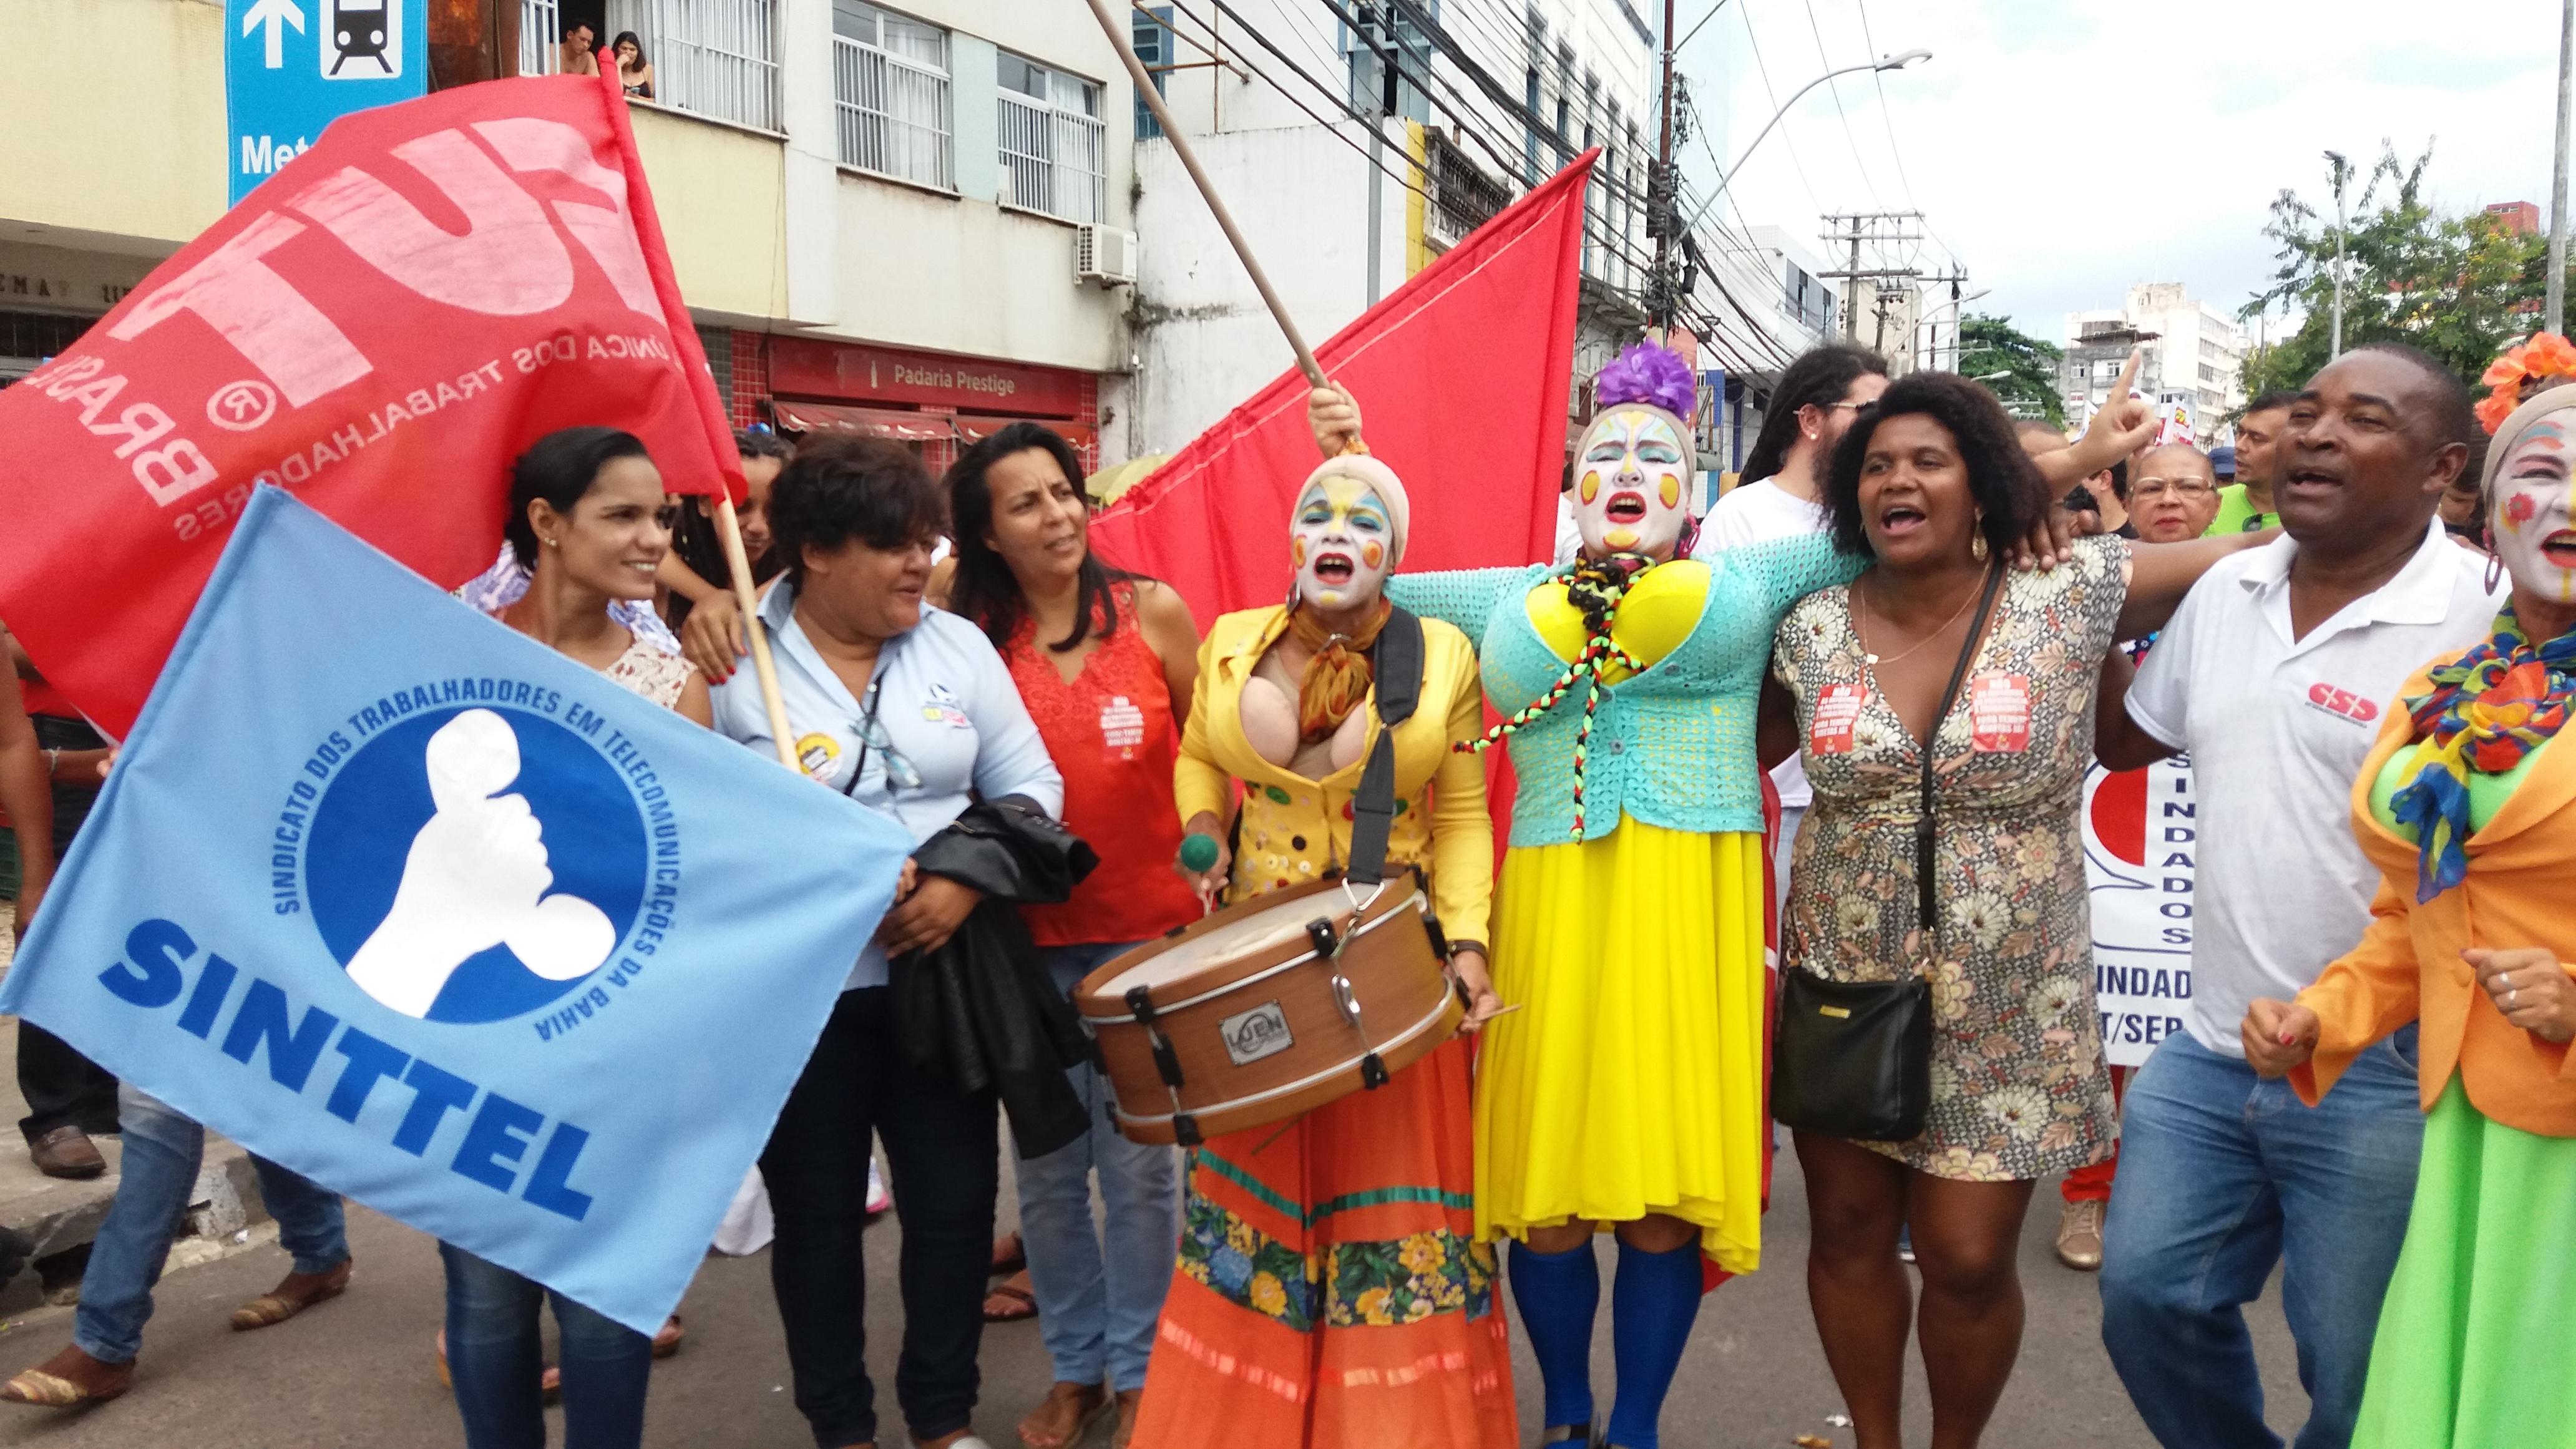 Sinttel vai às ruas contra Terceirização, Reforma da Previdência e Trabalhista